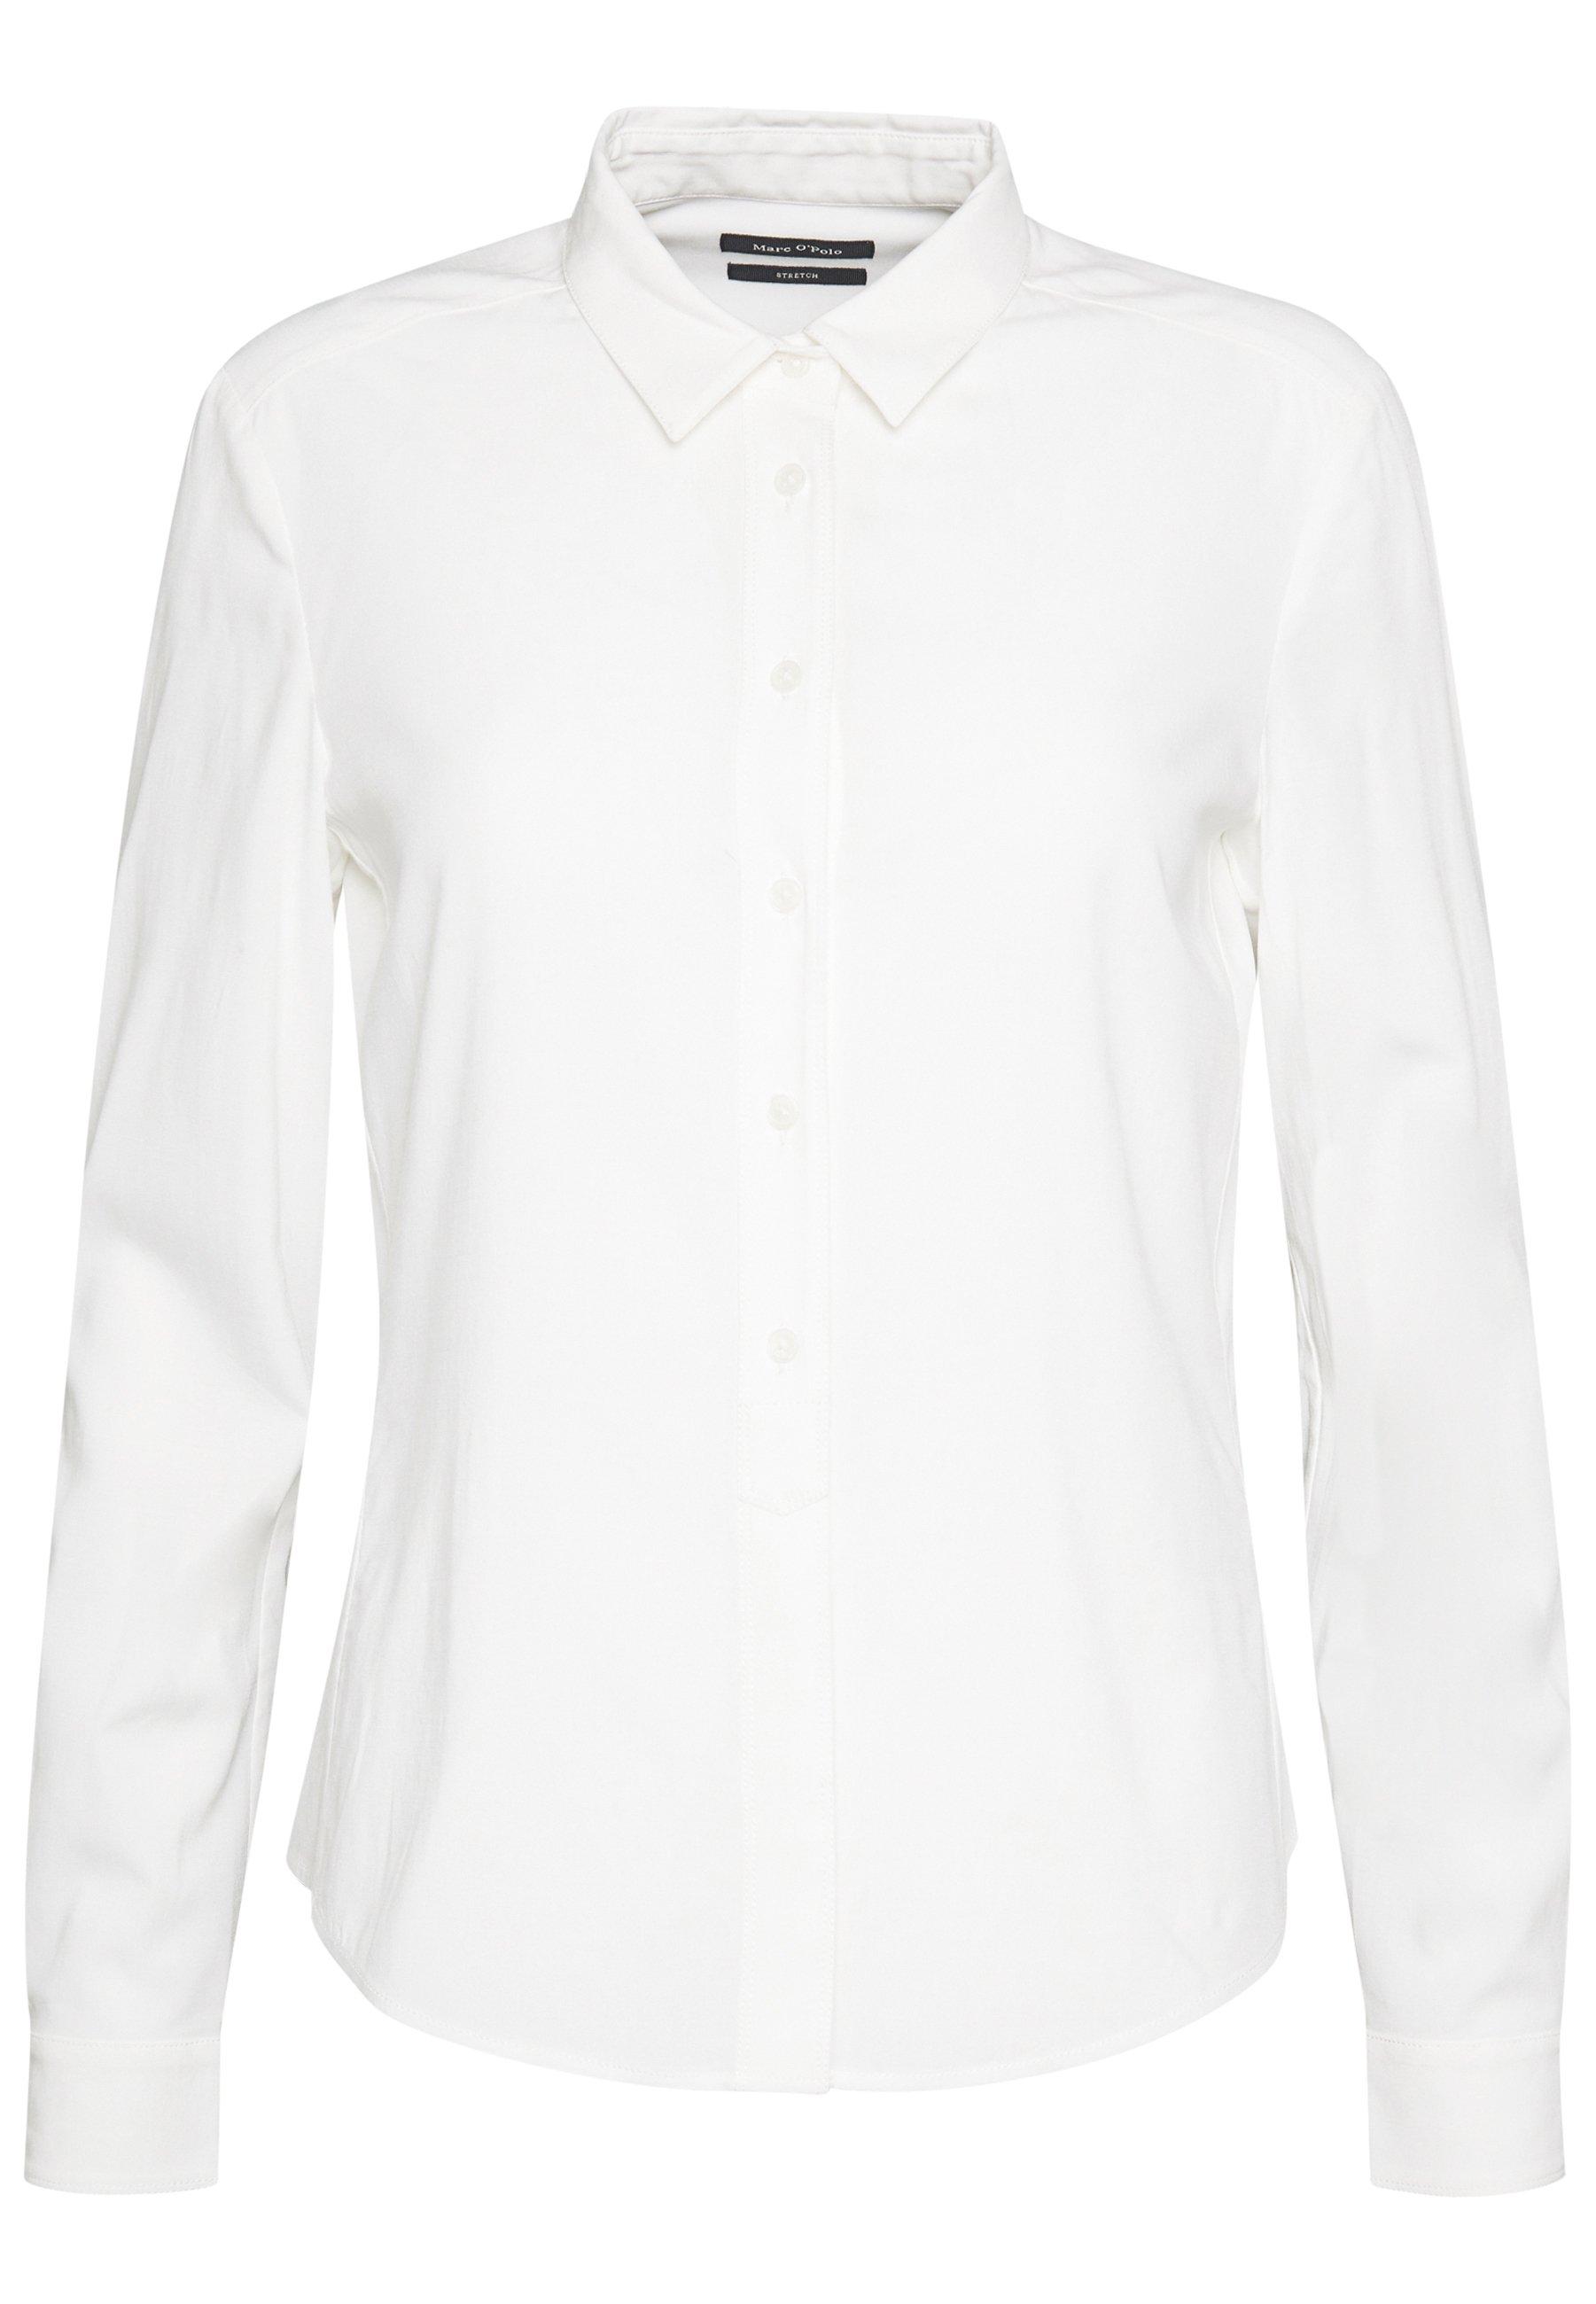 Marc O'Polo BLOUSE COLLAR LONG SLEEVED - Bluzka - off white